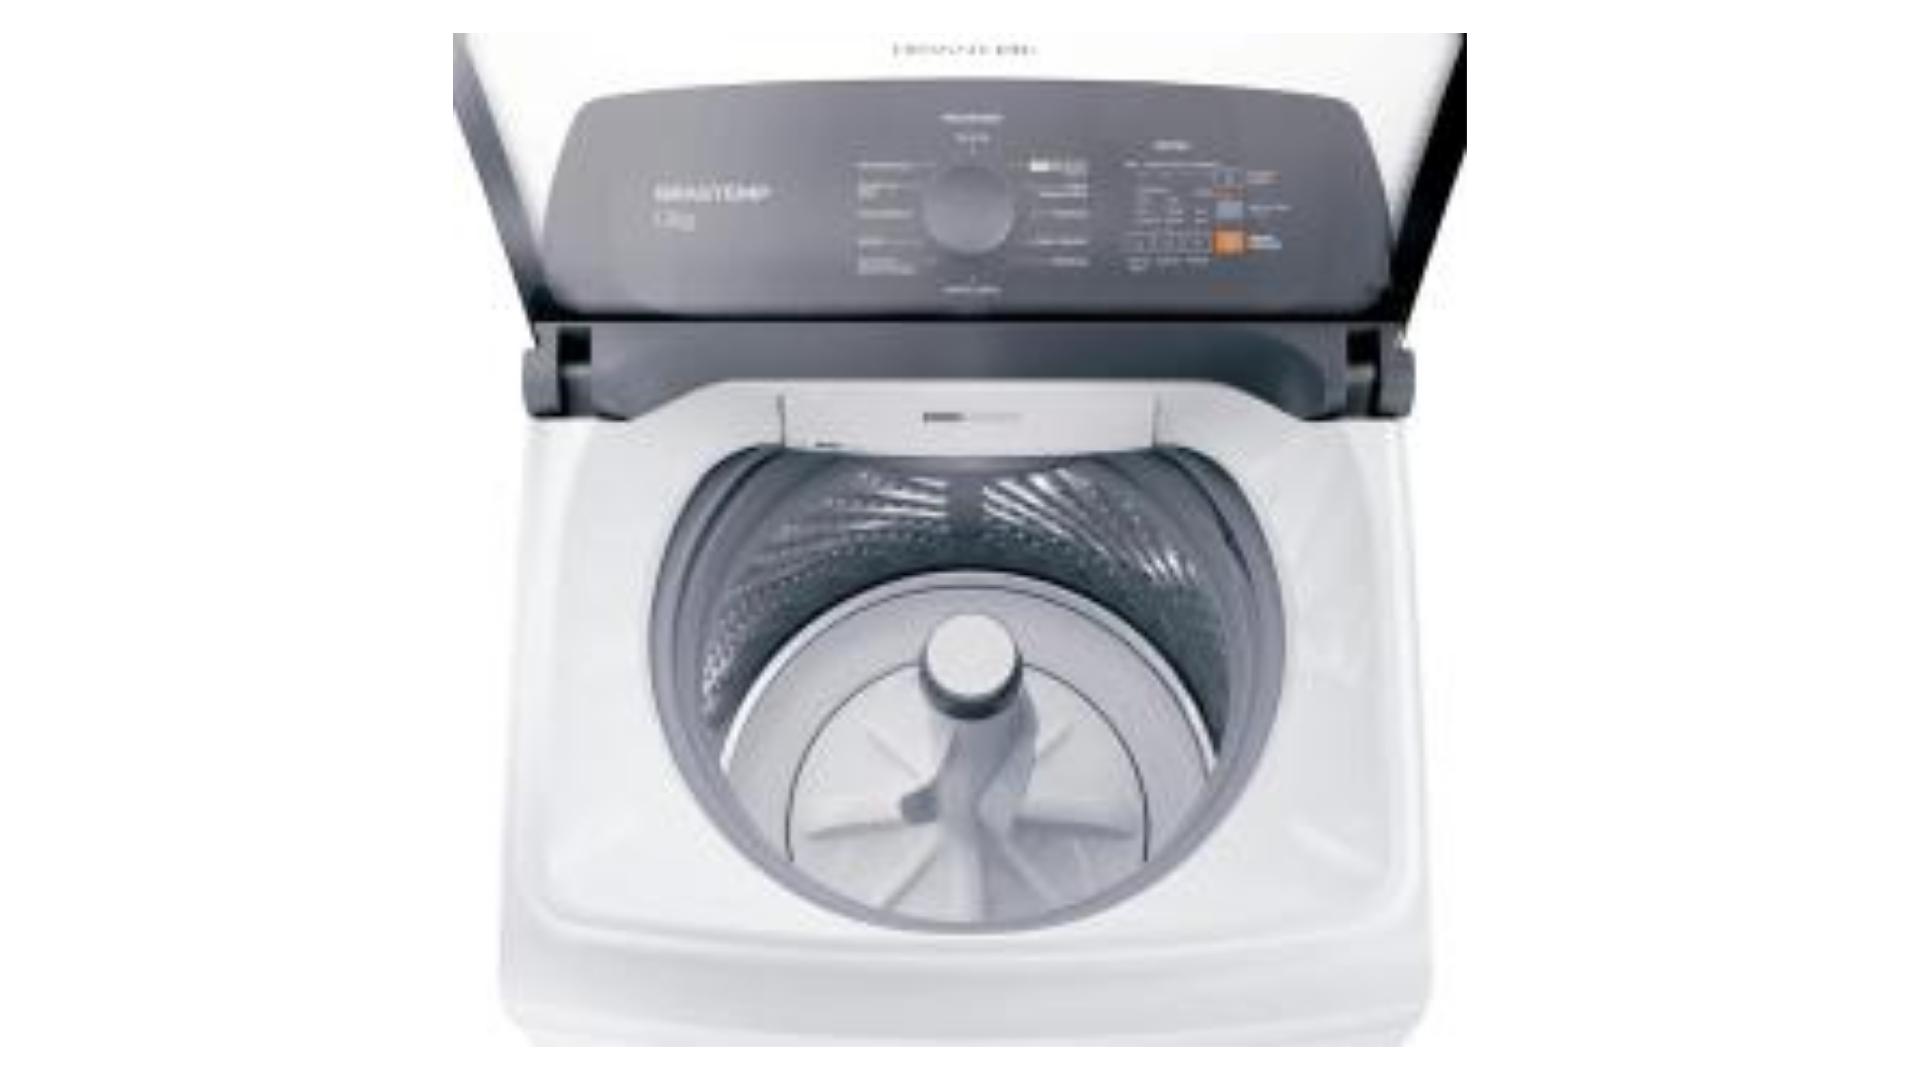 A capacidade de 12Kg da lavadora de roupas Brastemp consegue atender famílias de até 5 pessoas. (Imagem: Reprodução/Brastemp)